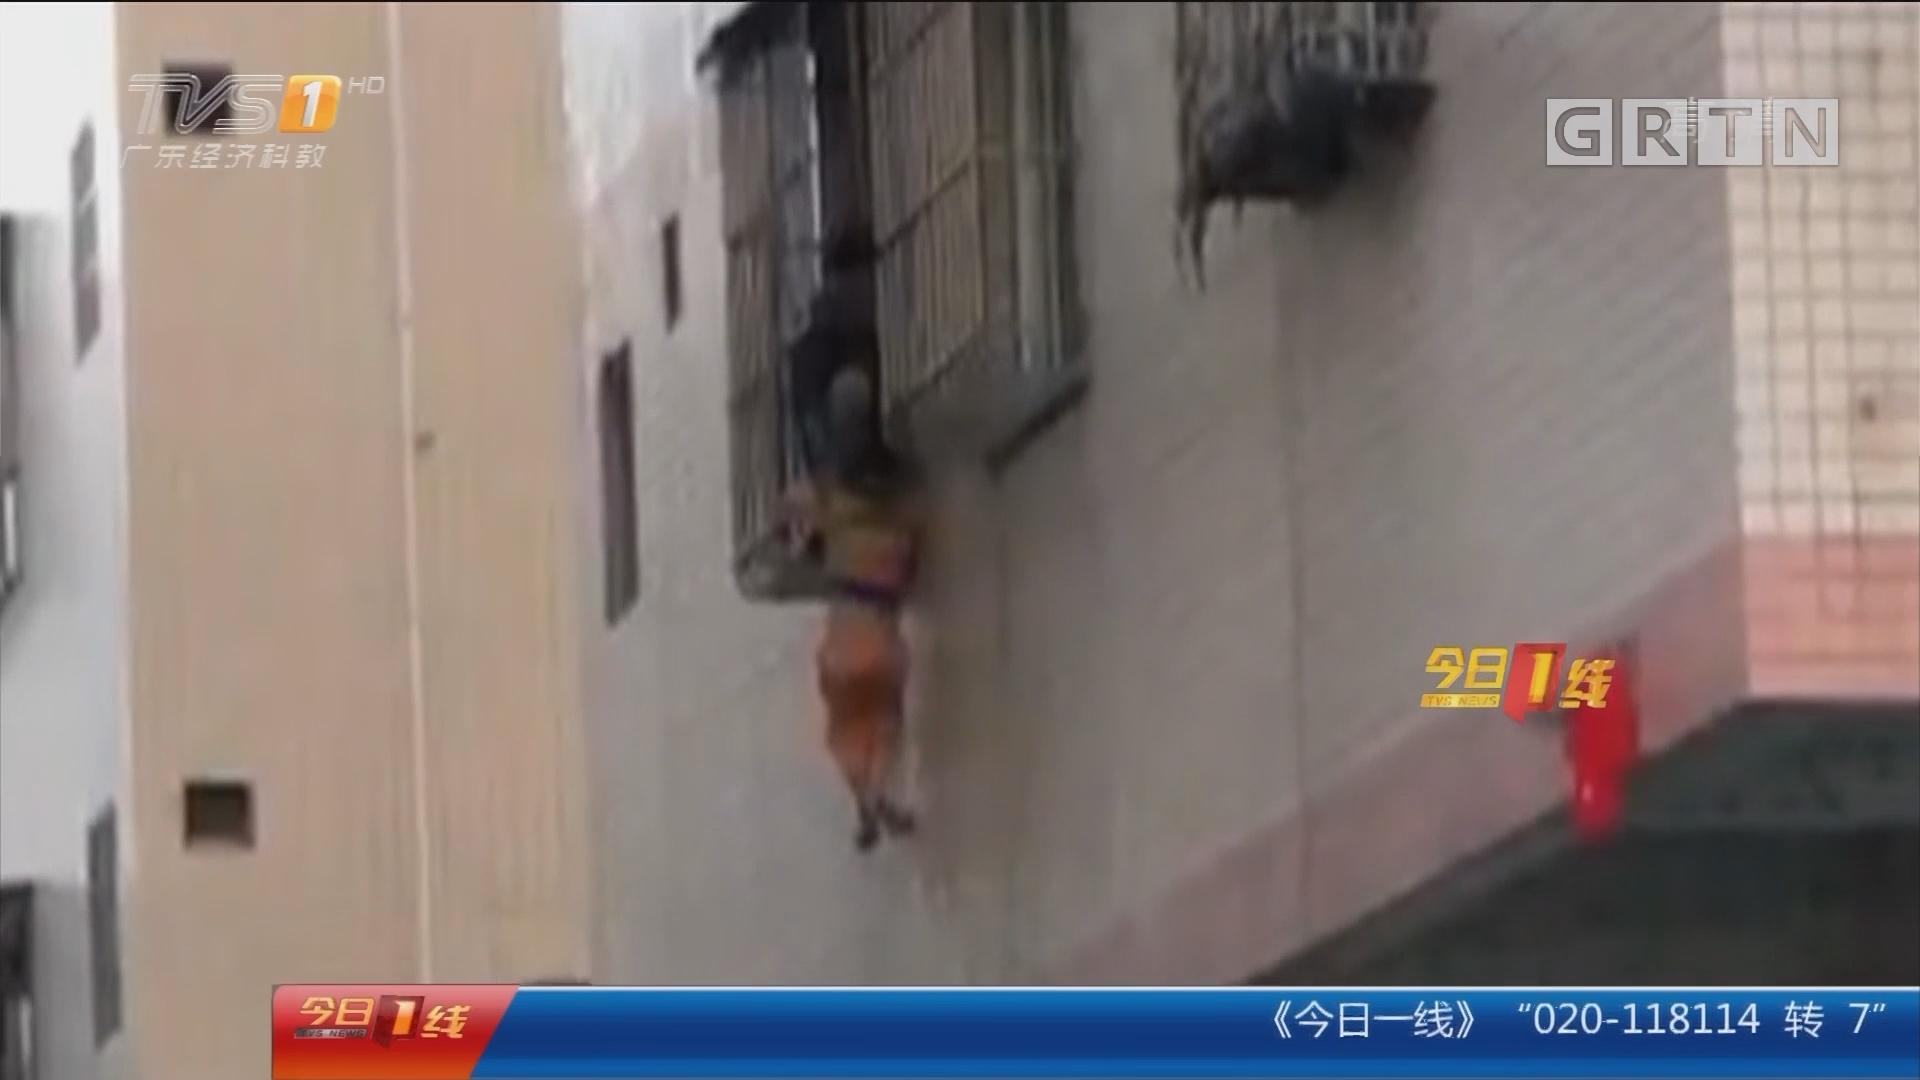 佛山南海大沥:男童头卡防盗网 众街坊暖心施救